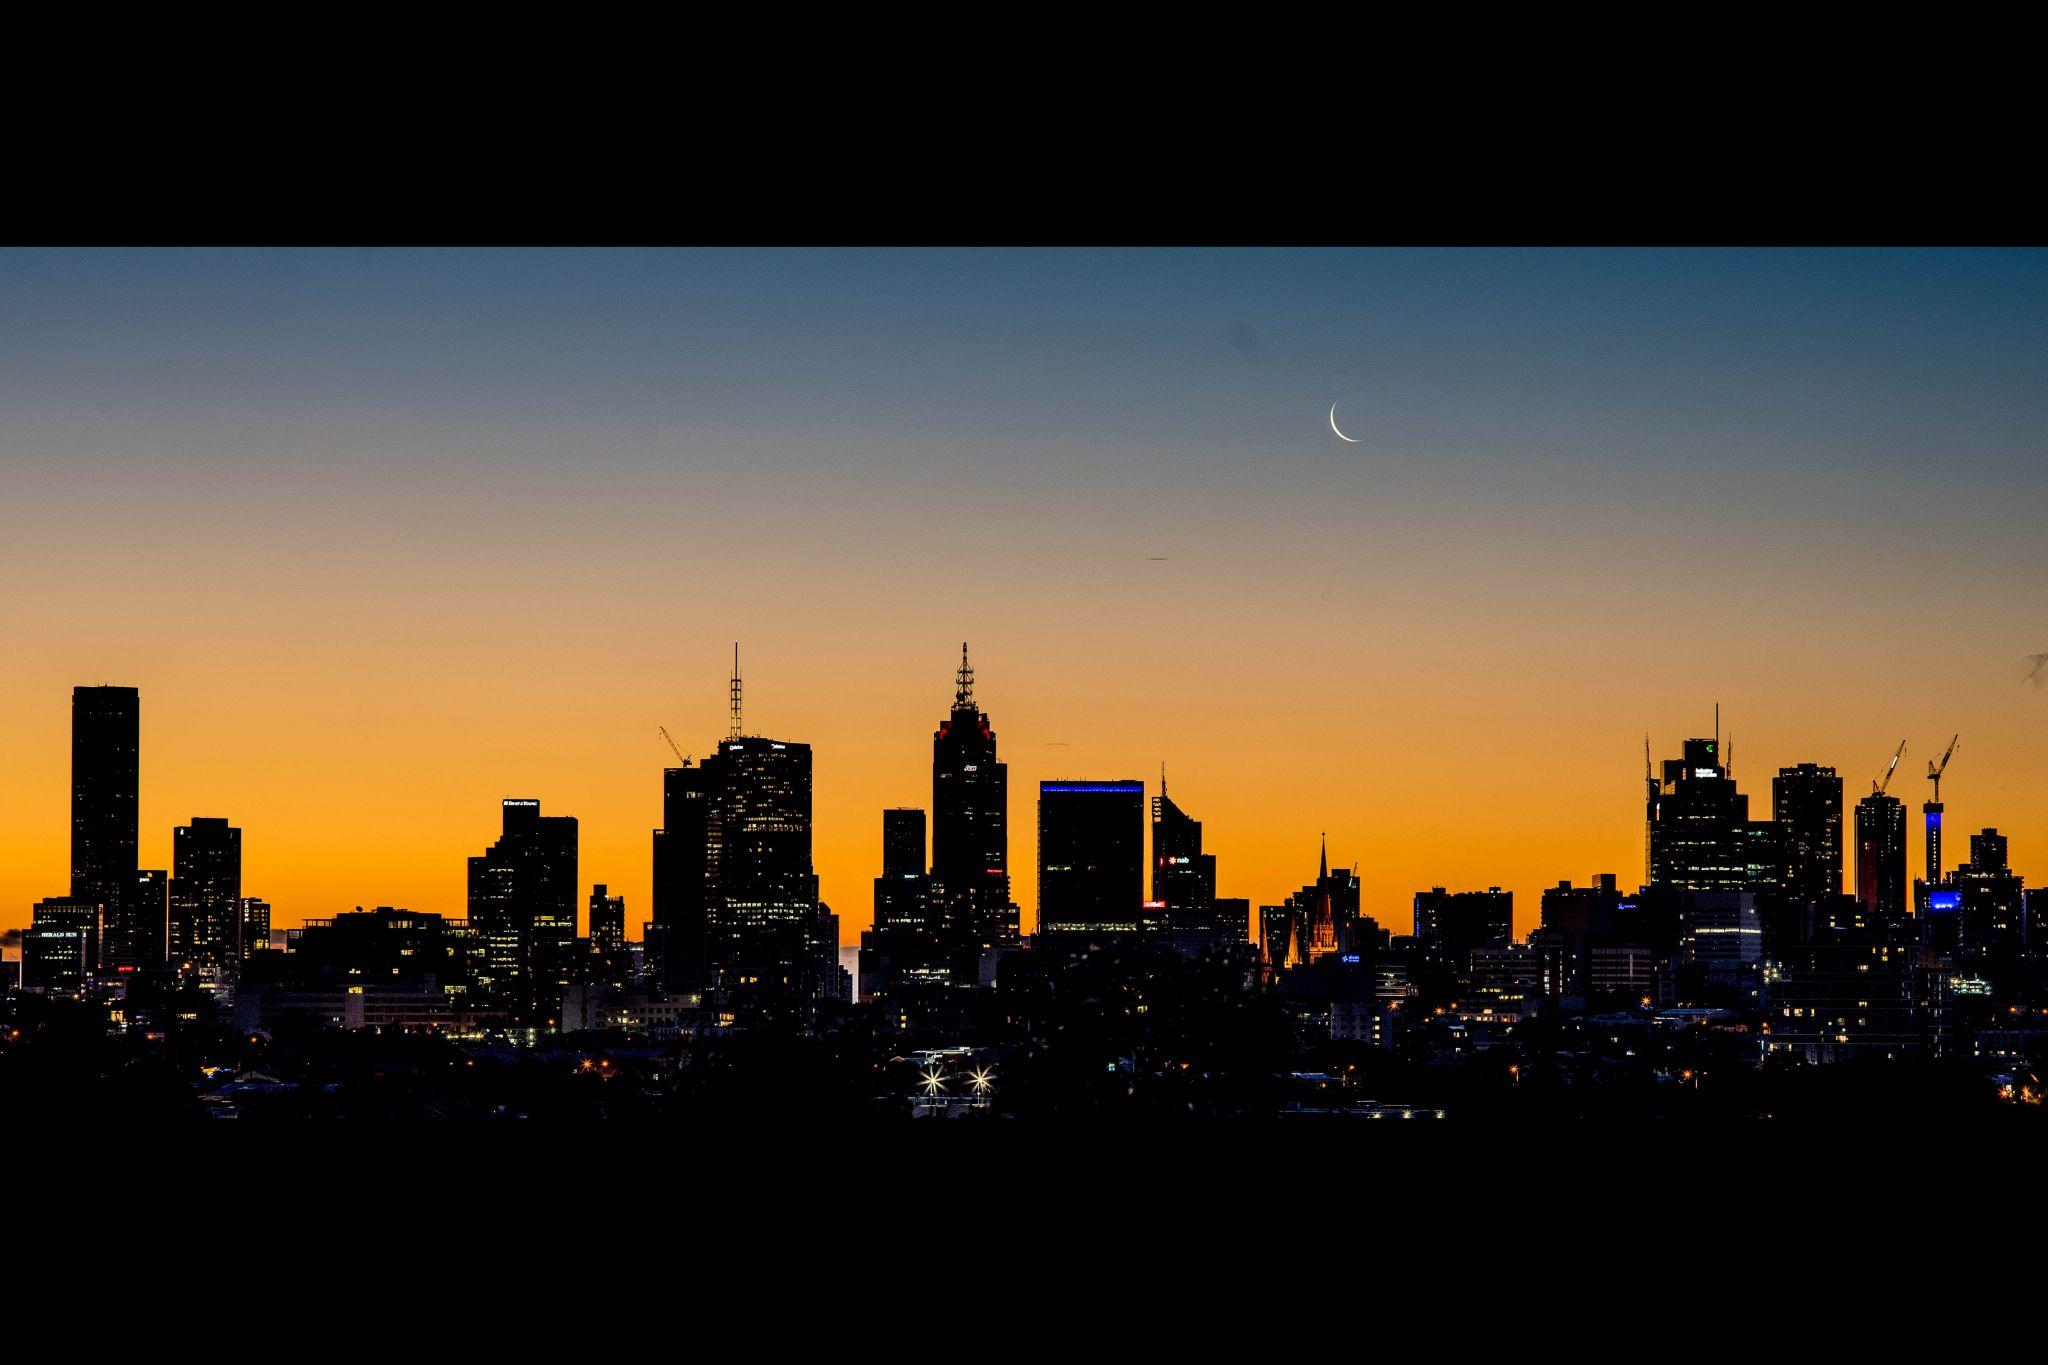 Yarra Bend Park City View, Australia